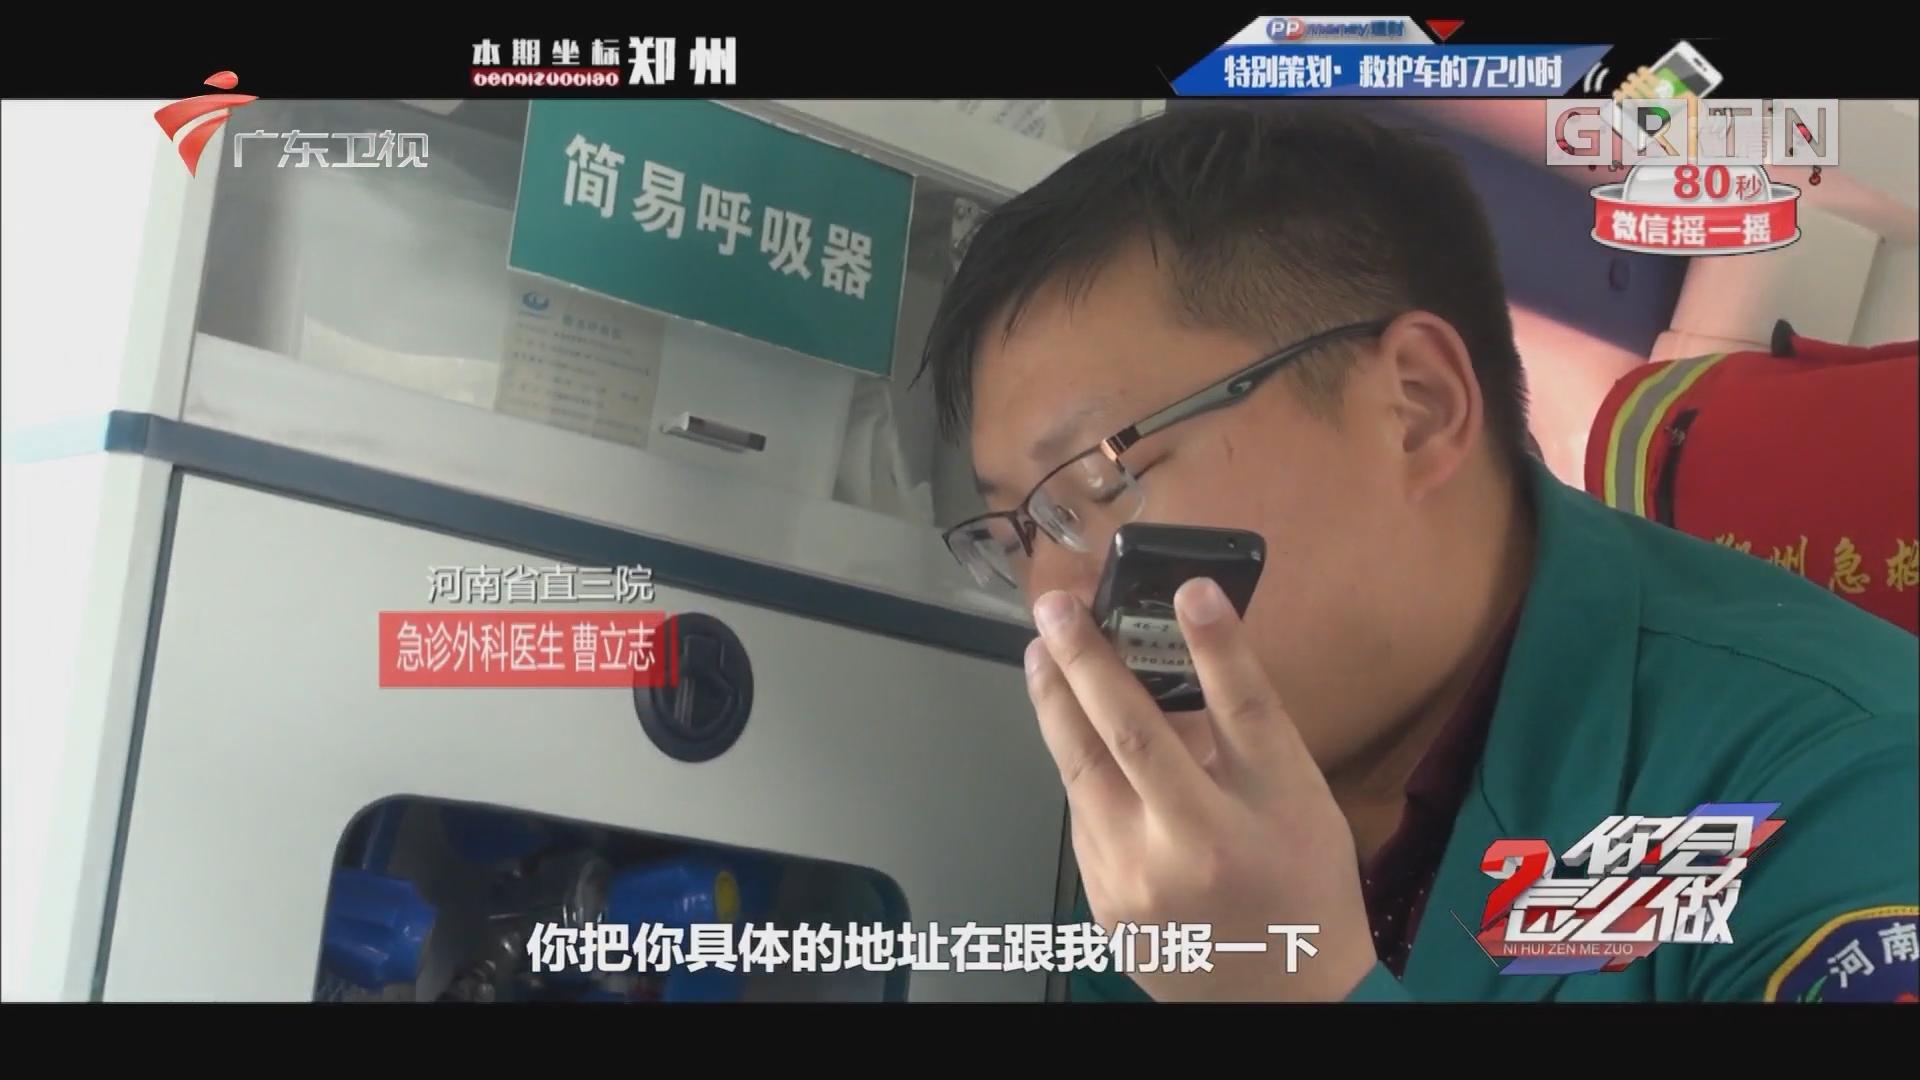 [HD][2017-05-25]你会怎么做:特别策划·救护车的72小时